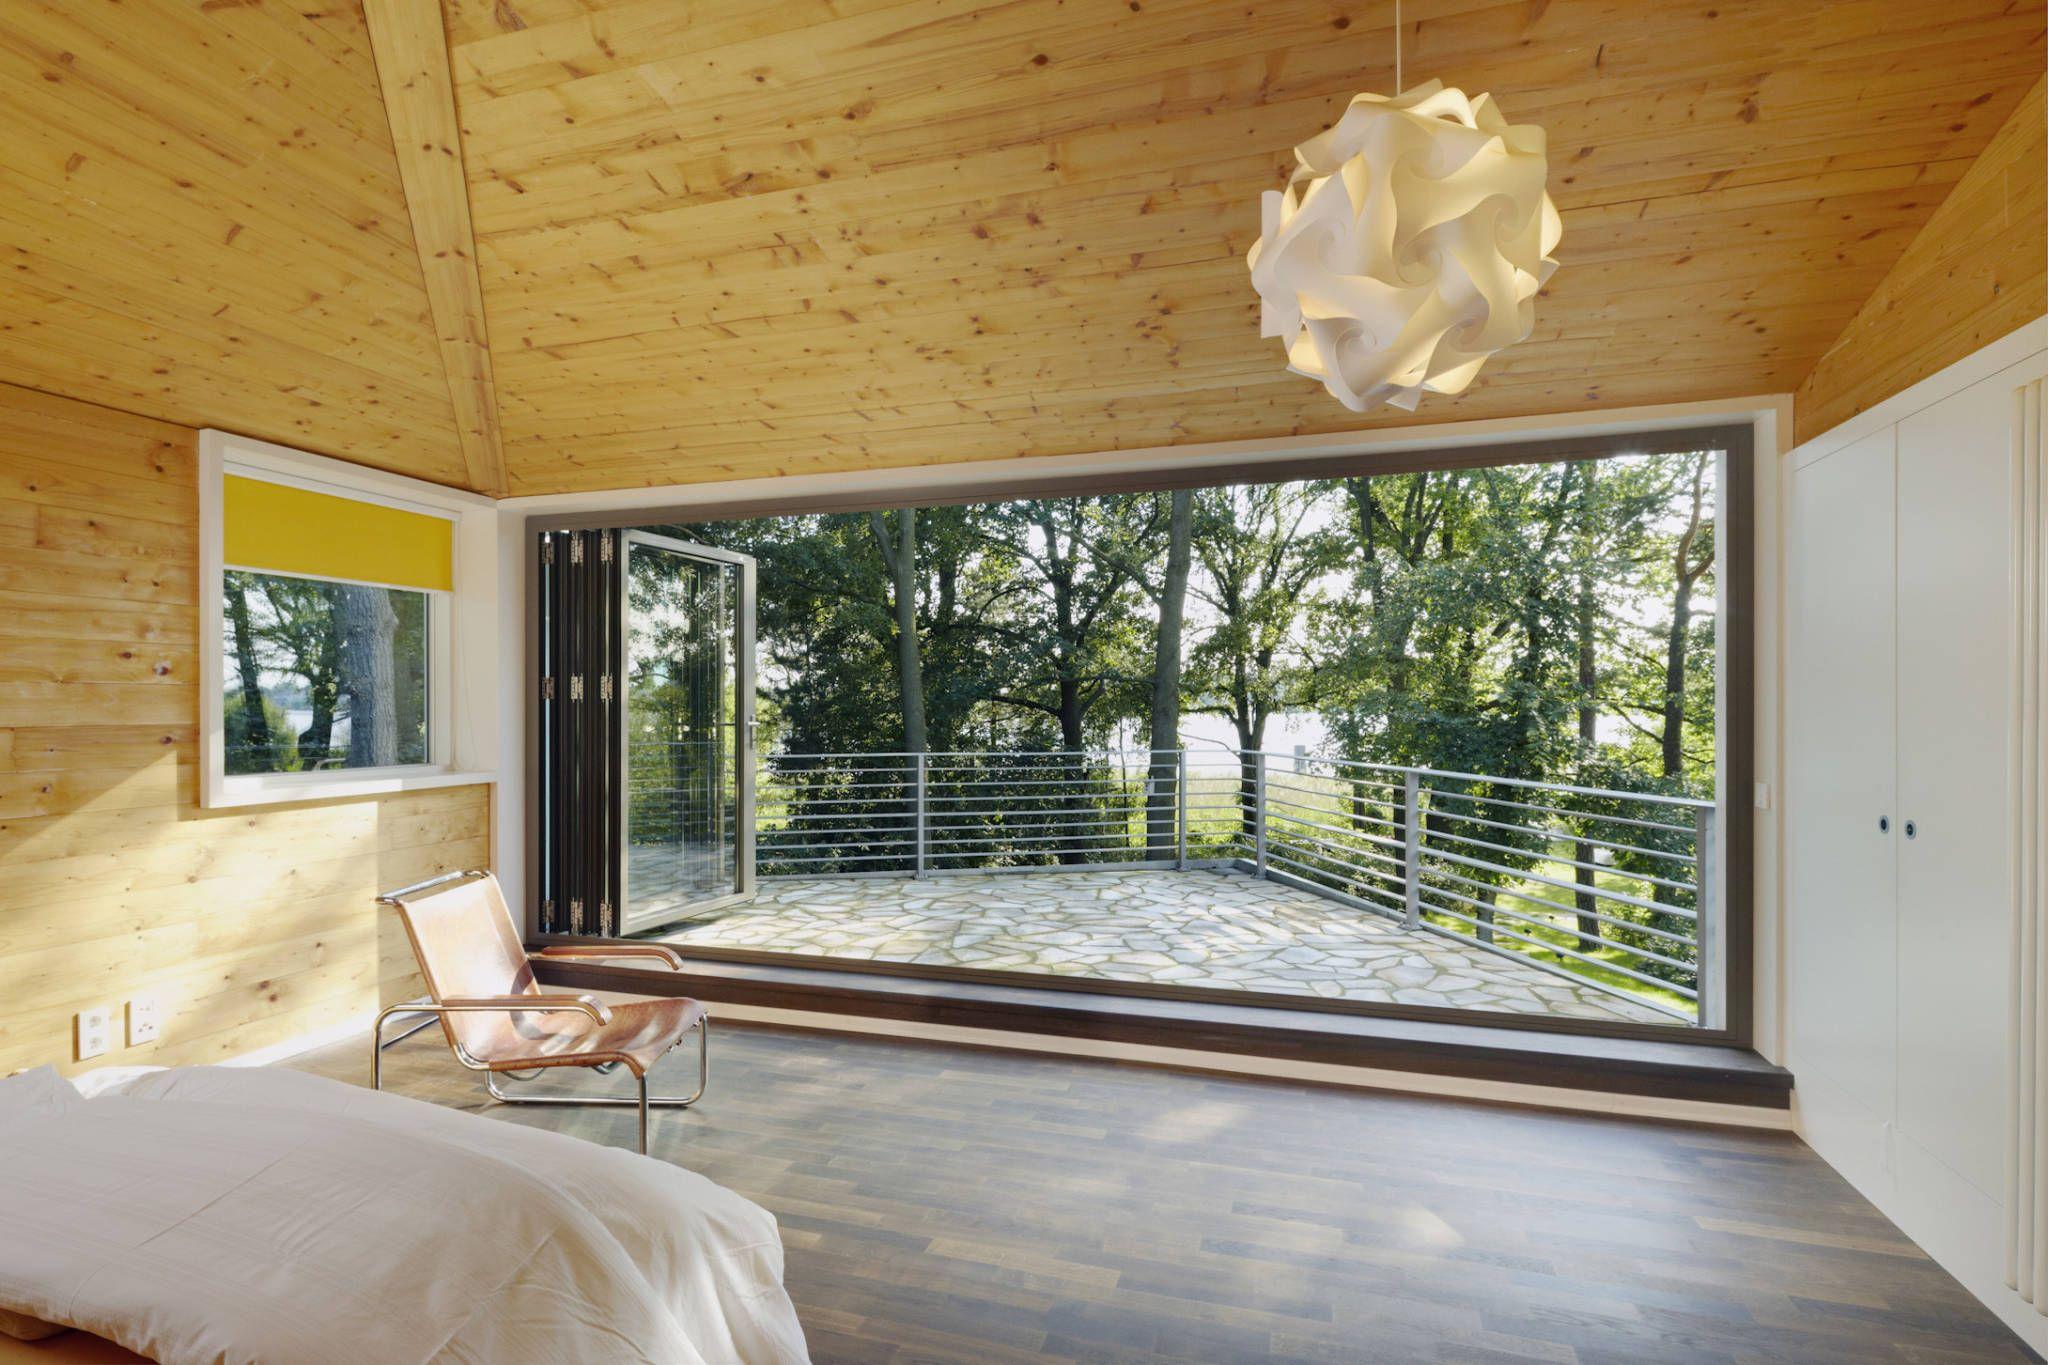 Moderne fenster  Moderne Fenster & Tür Bilder: Glas-Faltwand – Schlafzimmer im ...